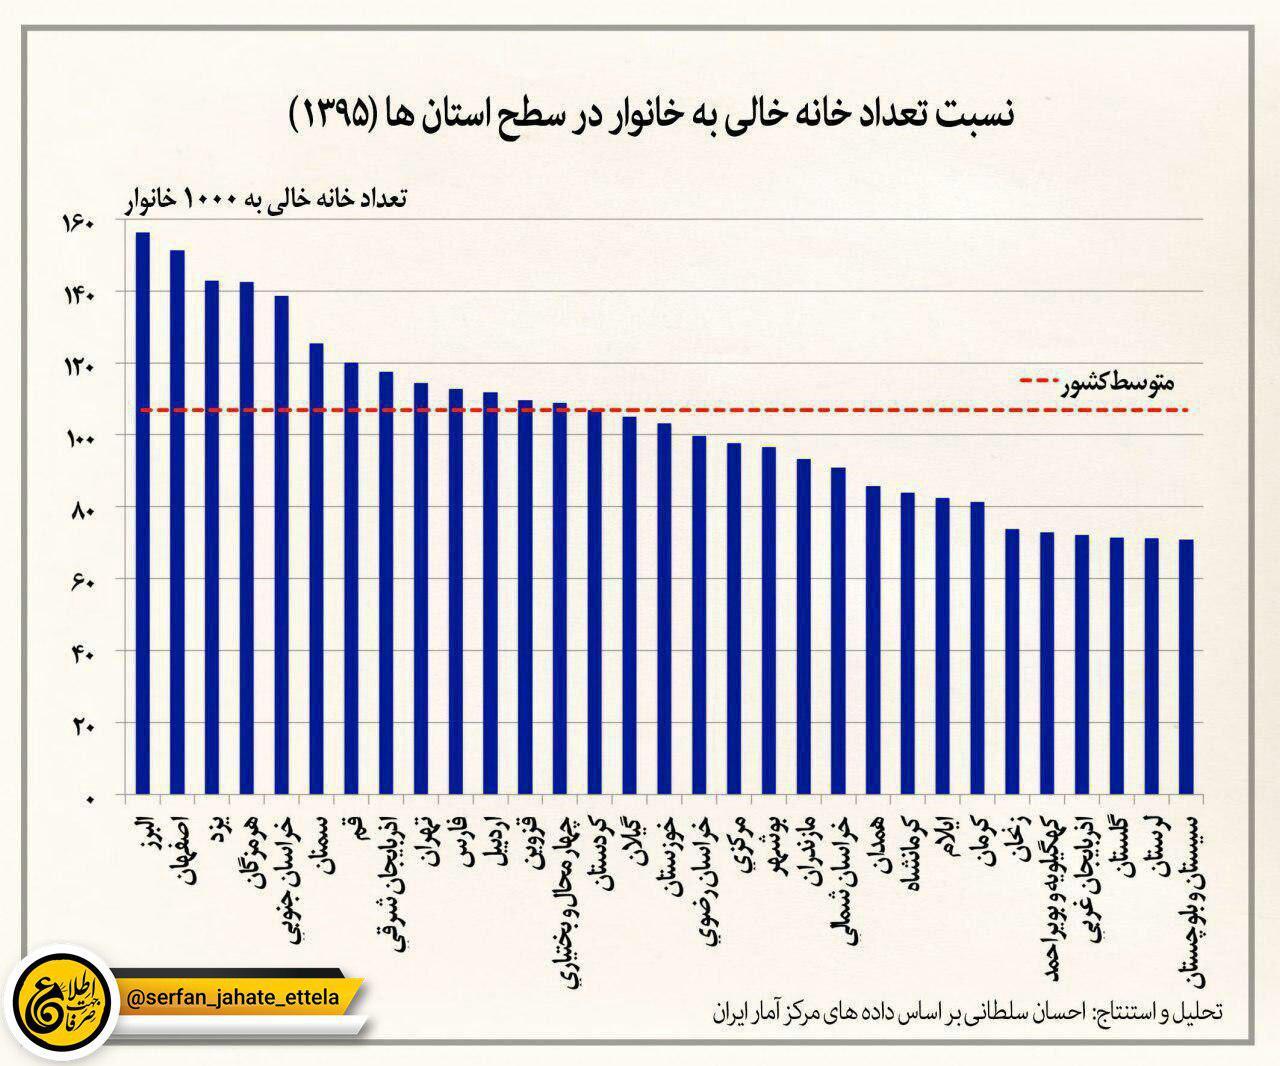 کدام استان خانه خالی بیشتری نسبت به خانوار دارد؟